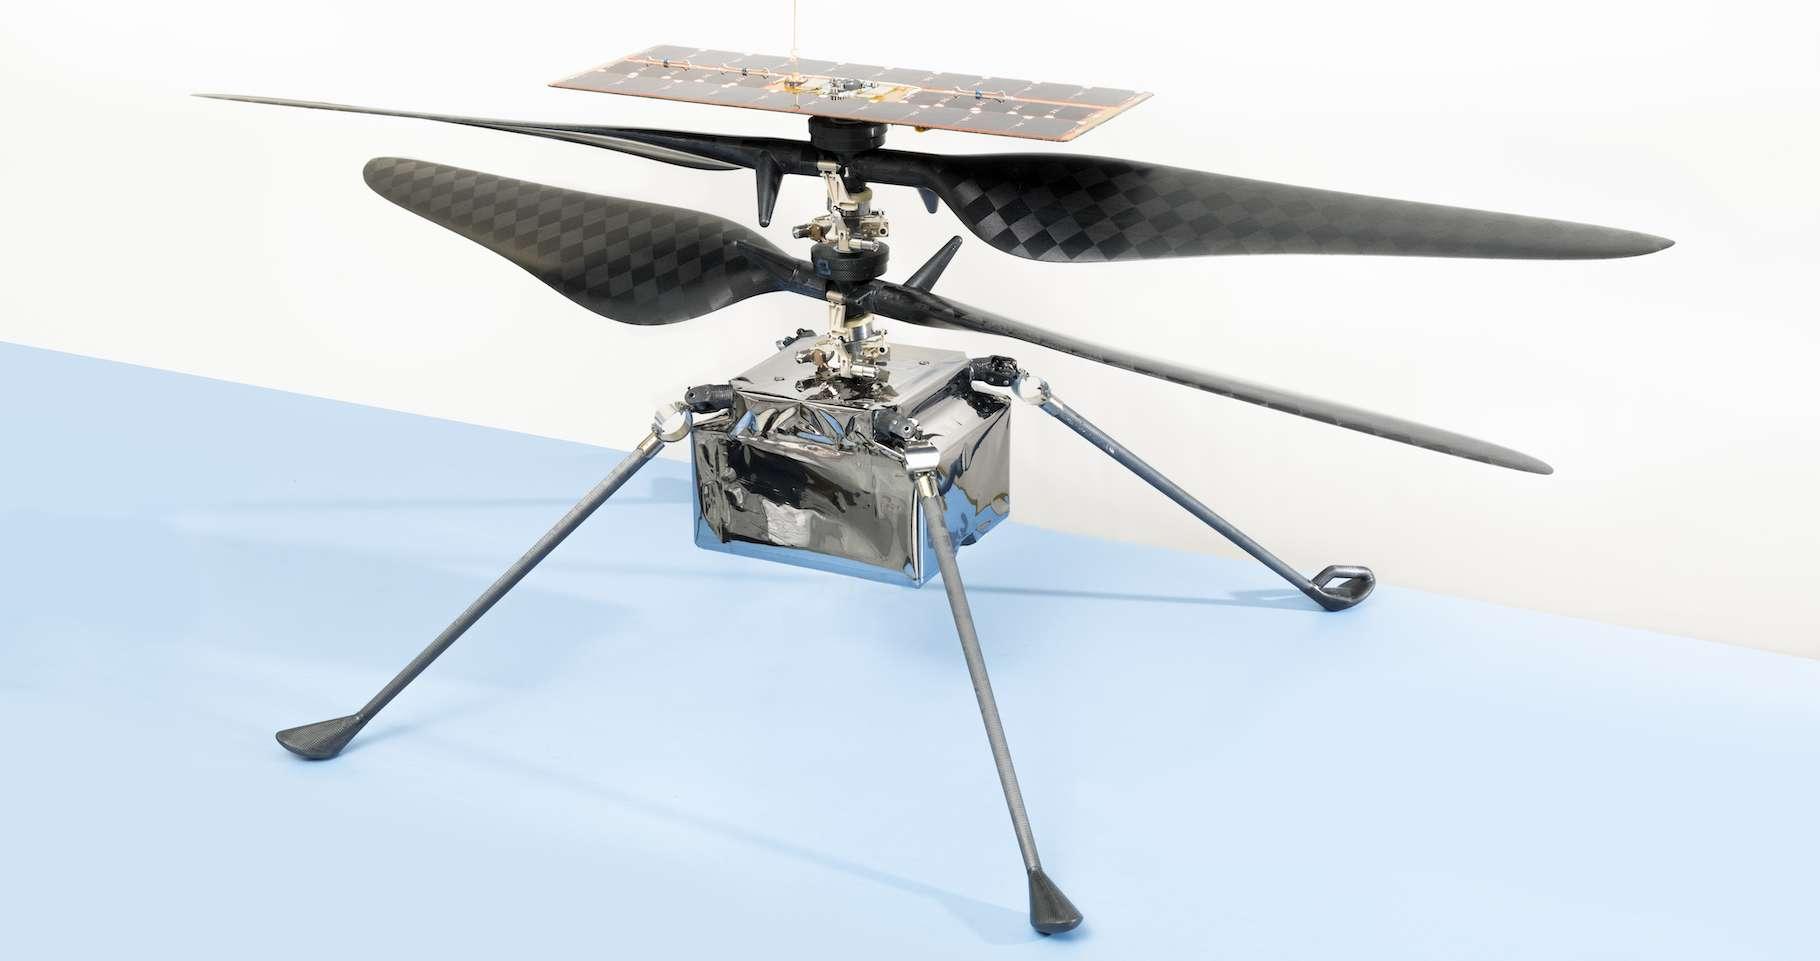 L'hélicoptère martien de la Nasa a un nom : Ingenuity. © Nasa, JPL/Caltech